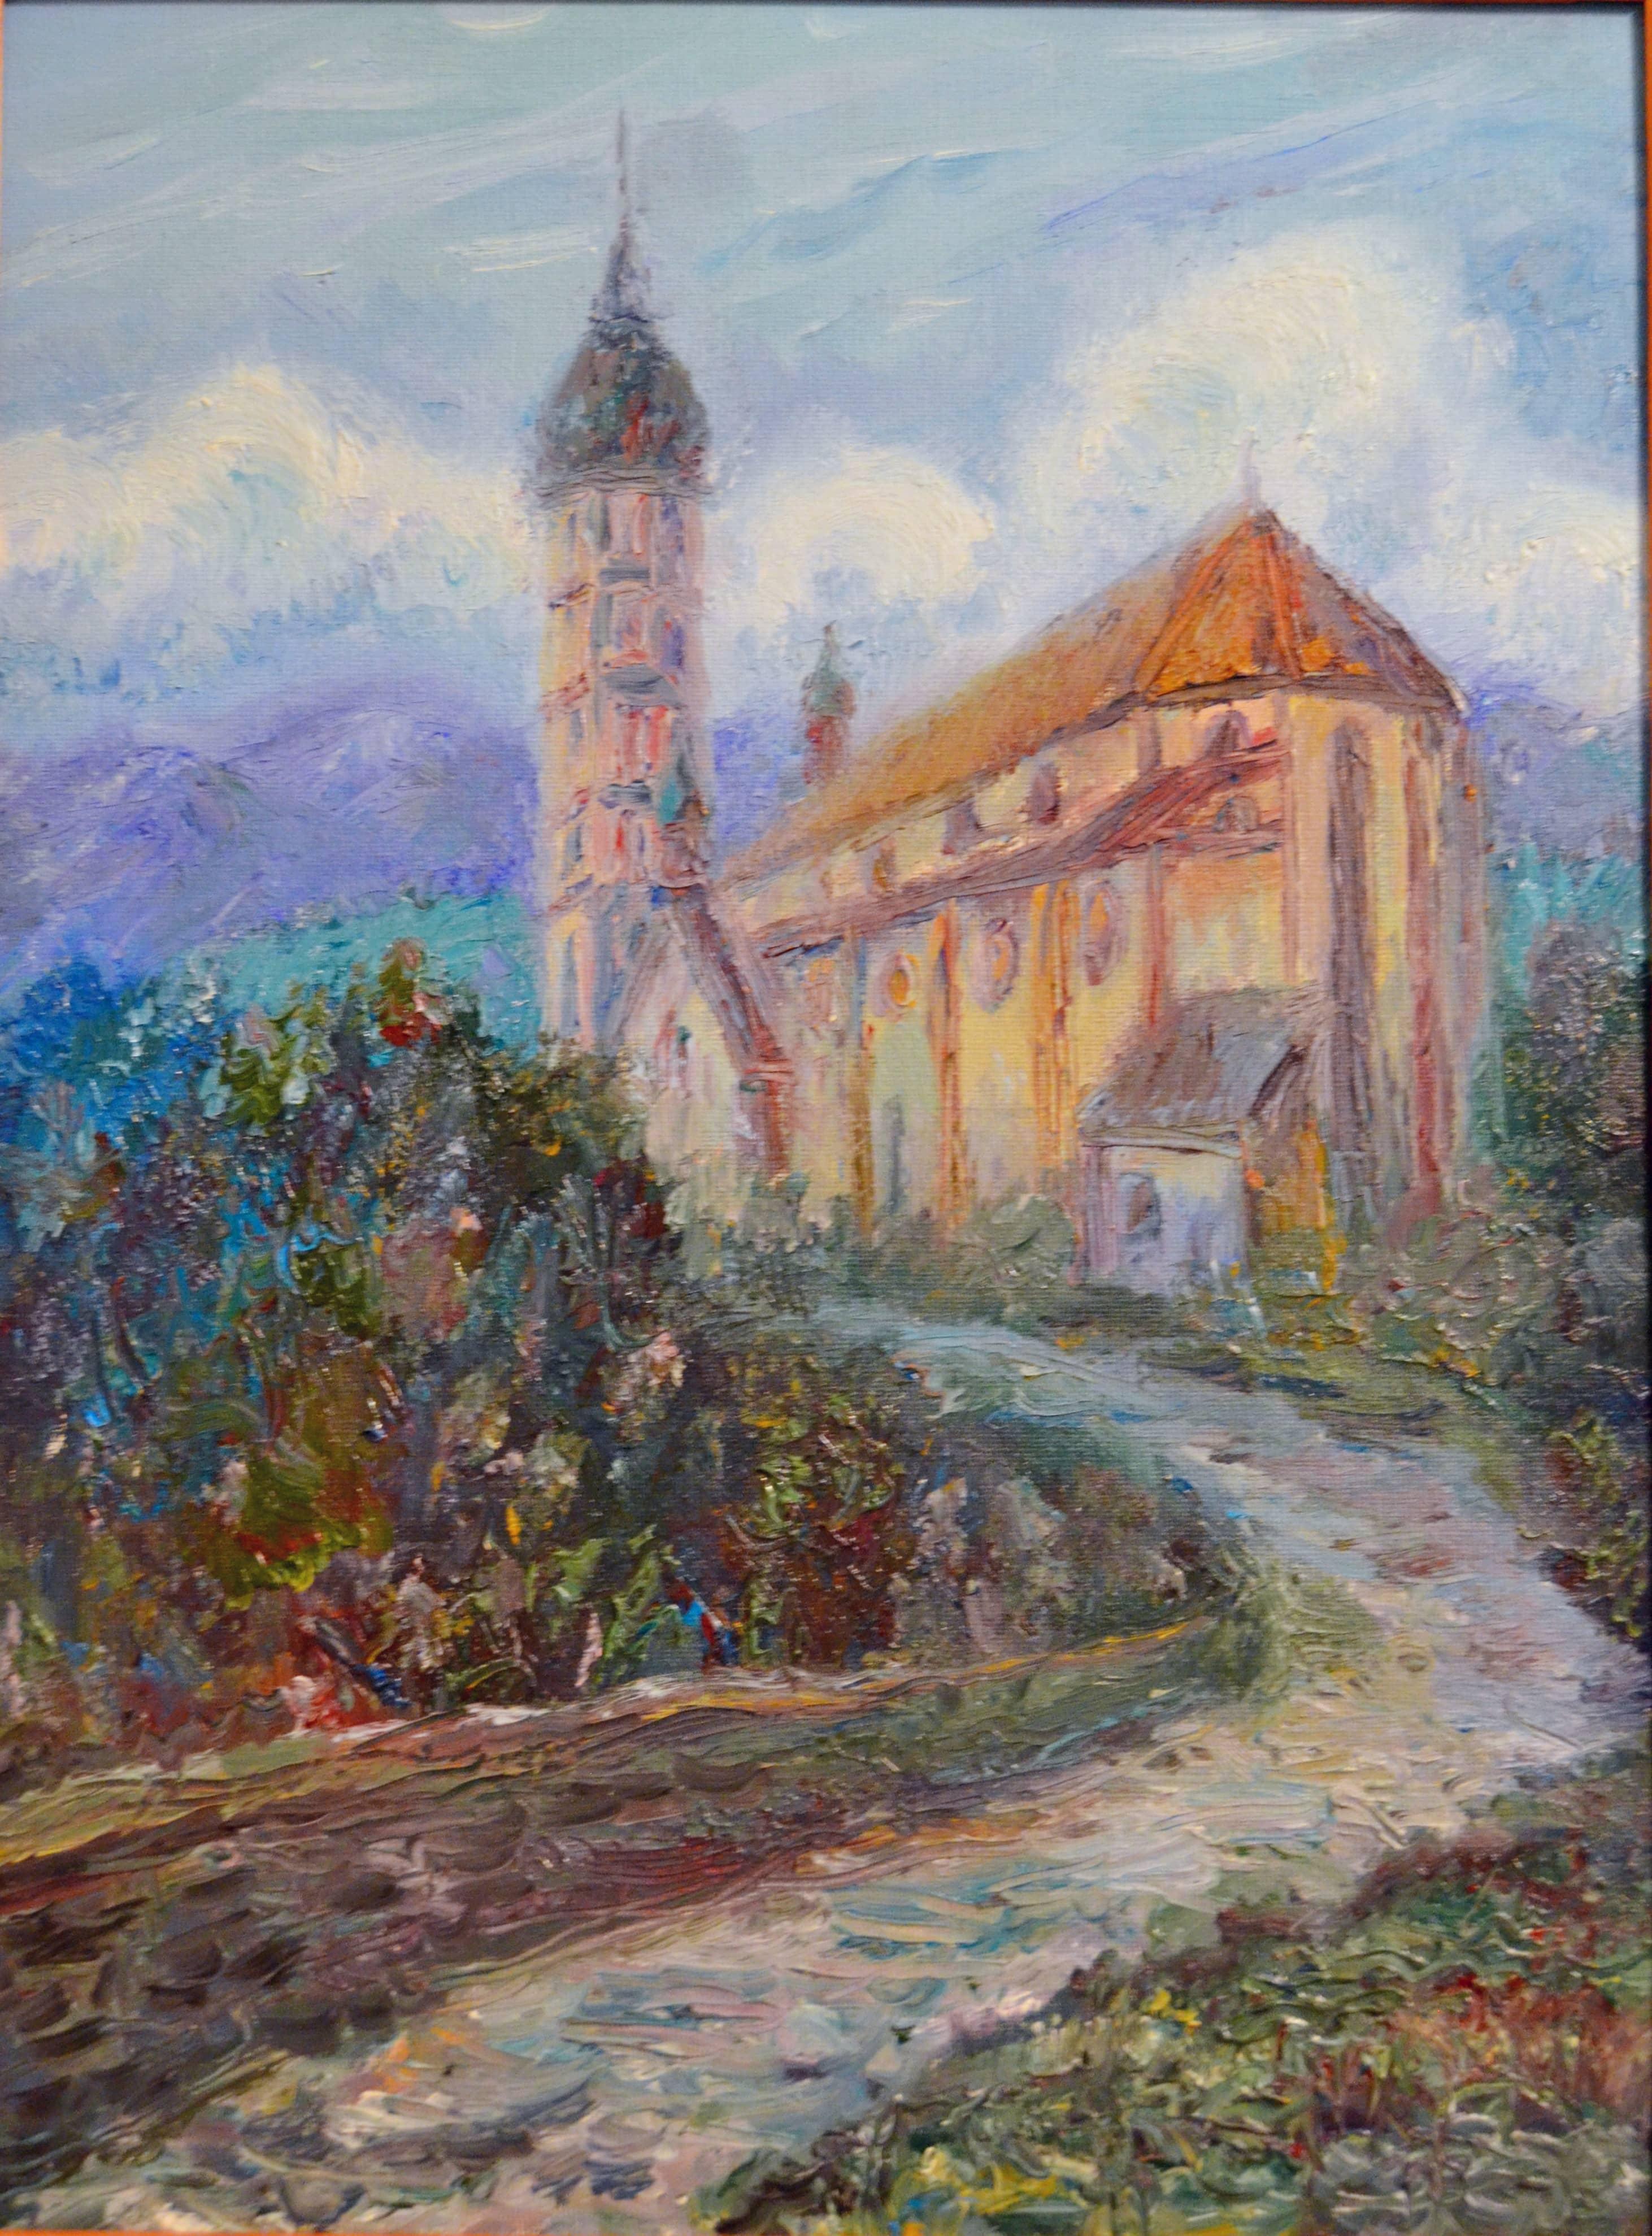 Монастырь Андекс (Andechs) в Баварских Альпах.